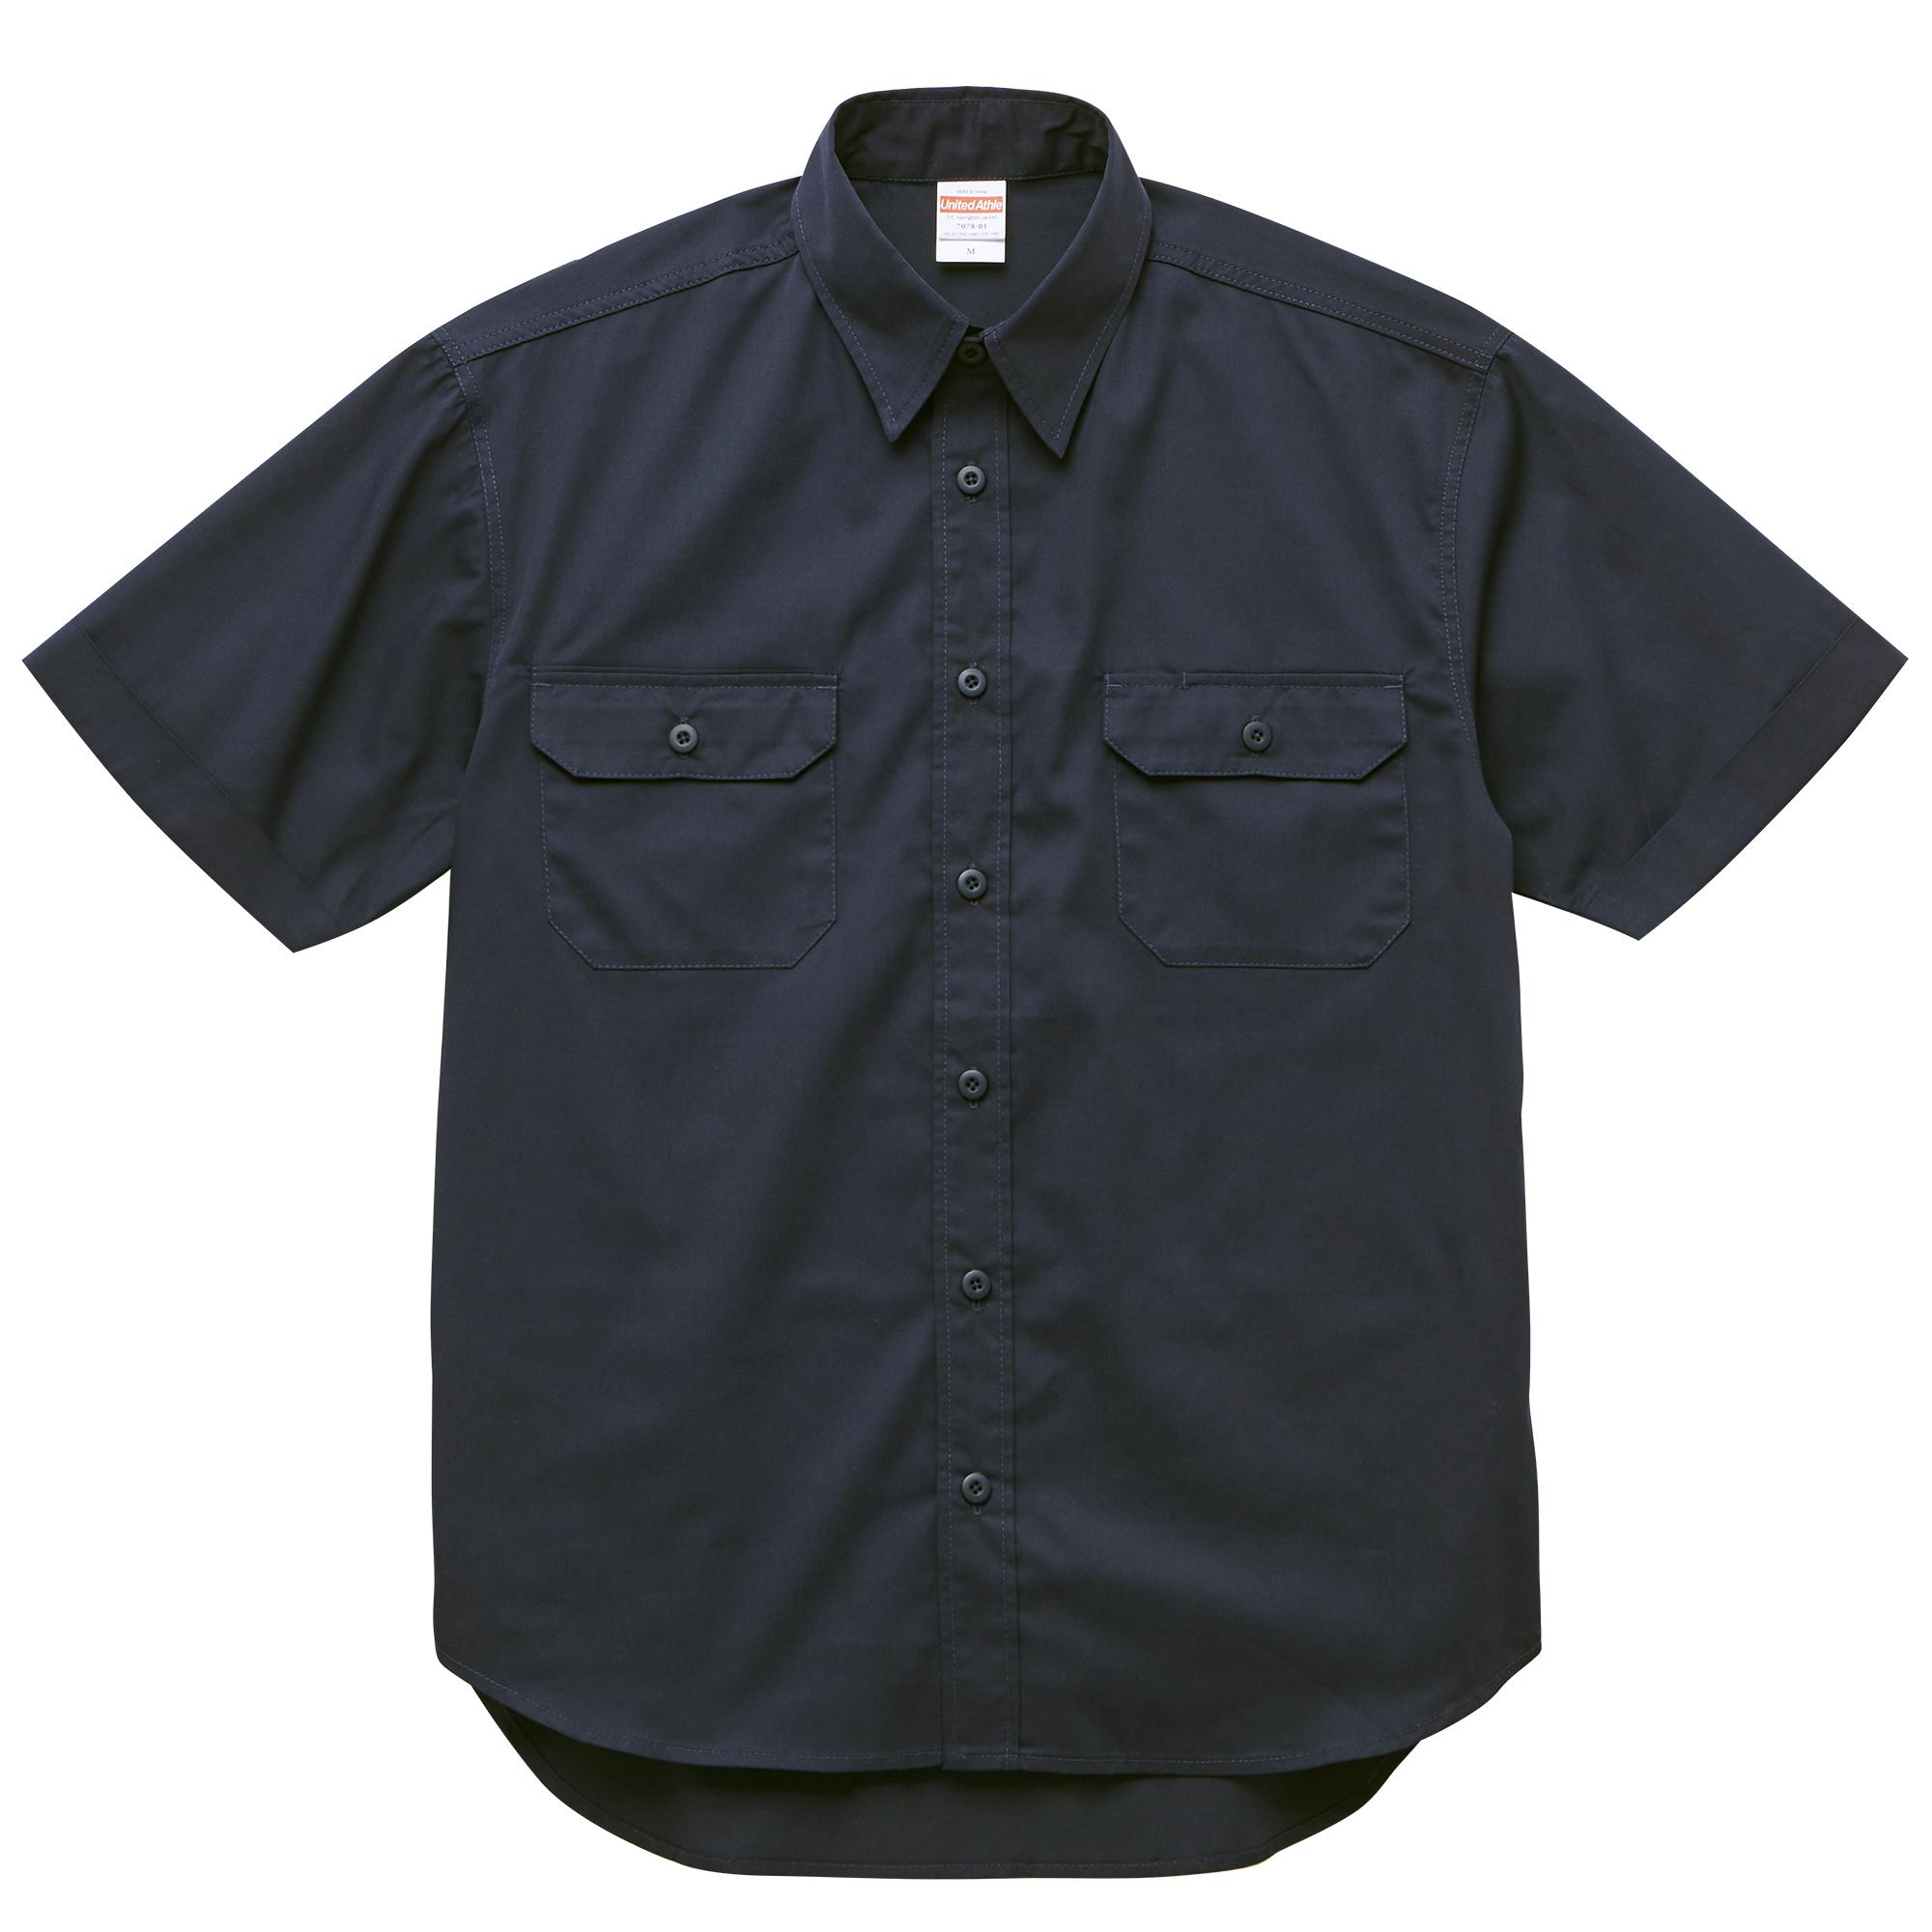 T/C ワークシャツ(ネイビー)